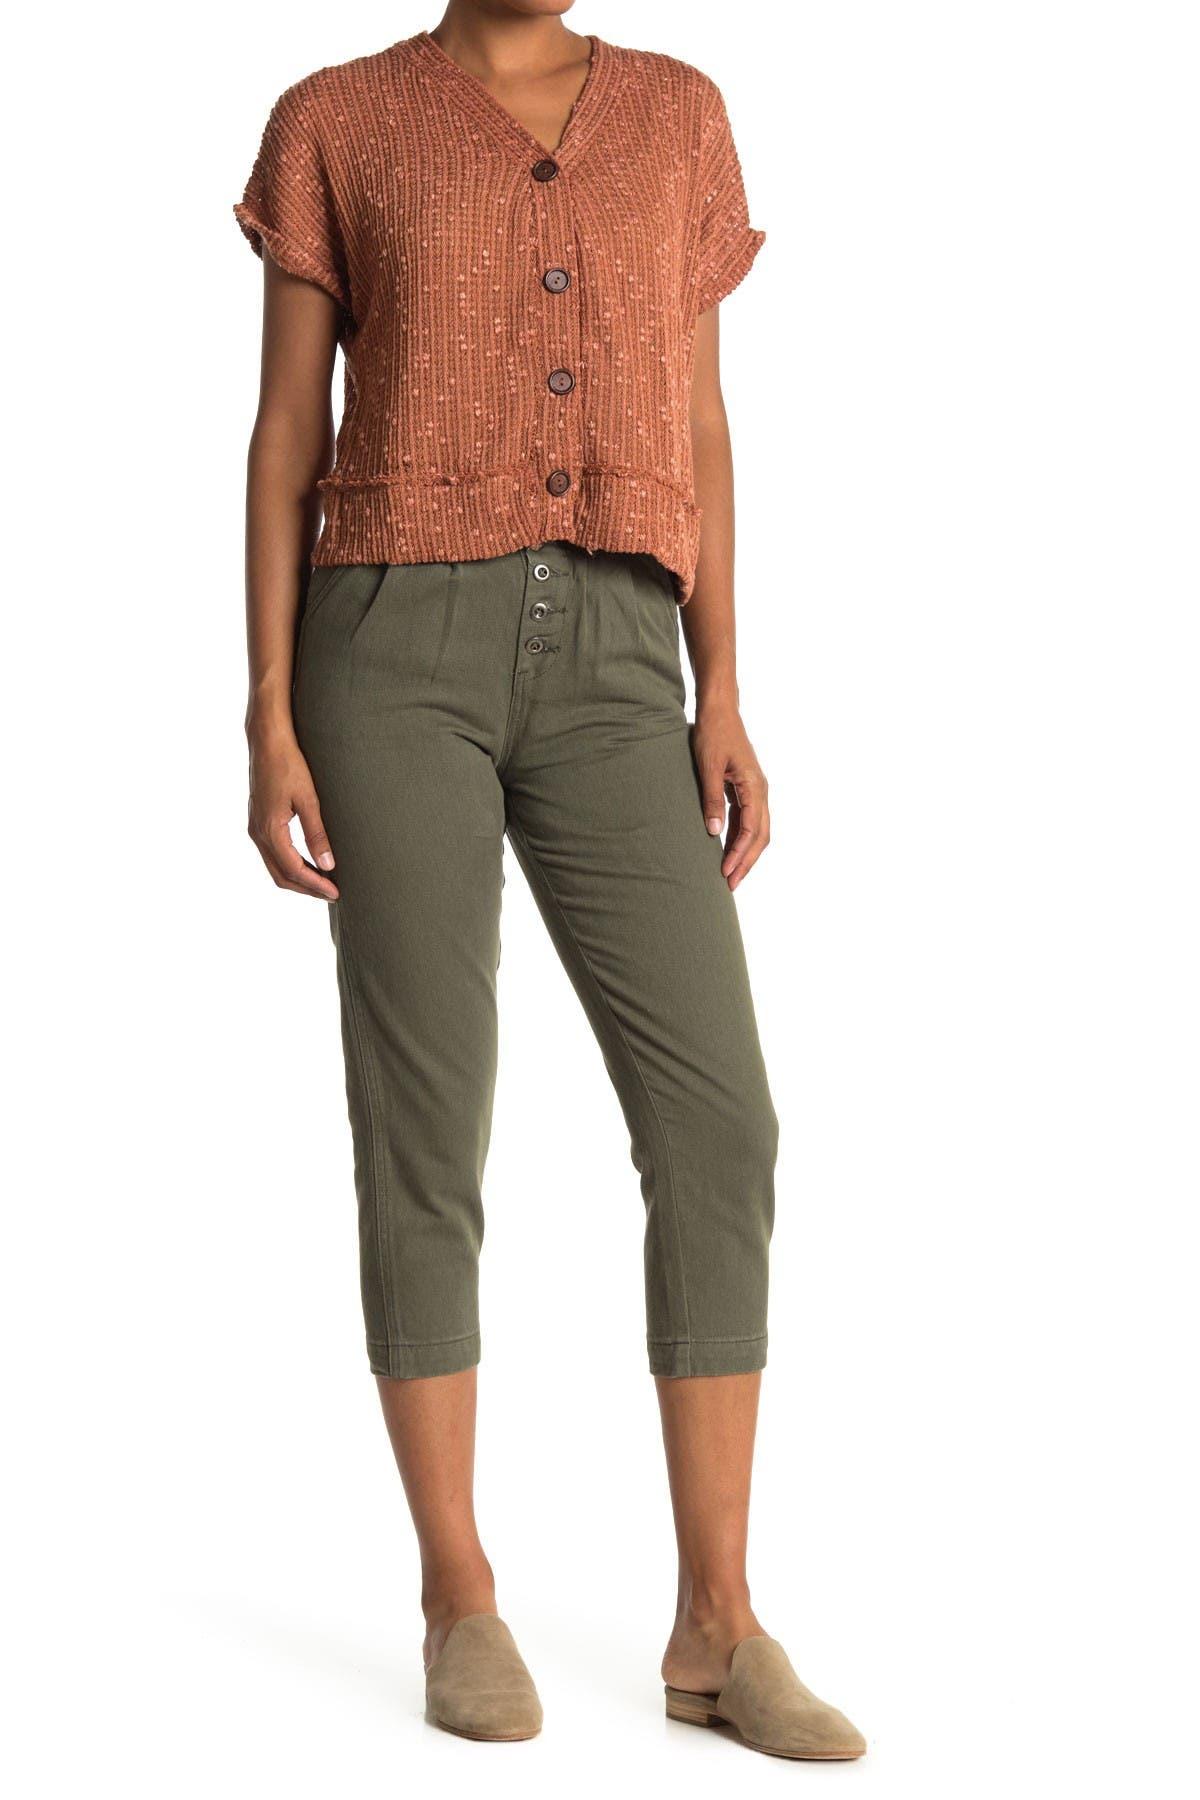 Image of Blu Pepper High Waist Button Crop Pants